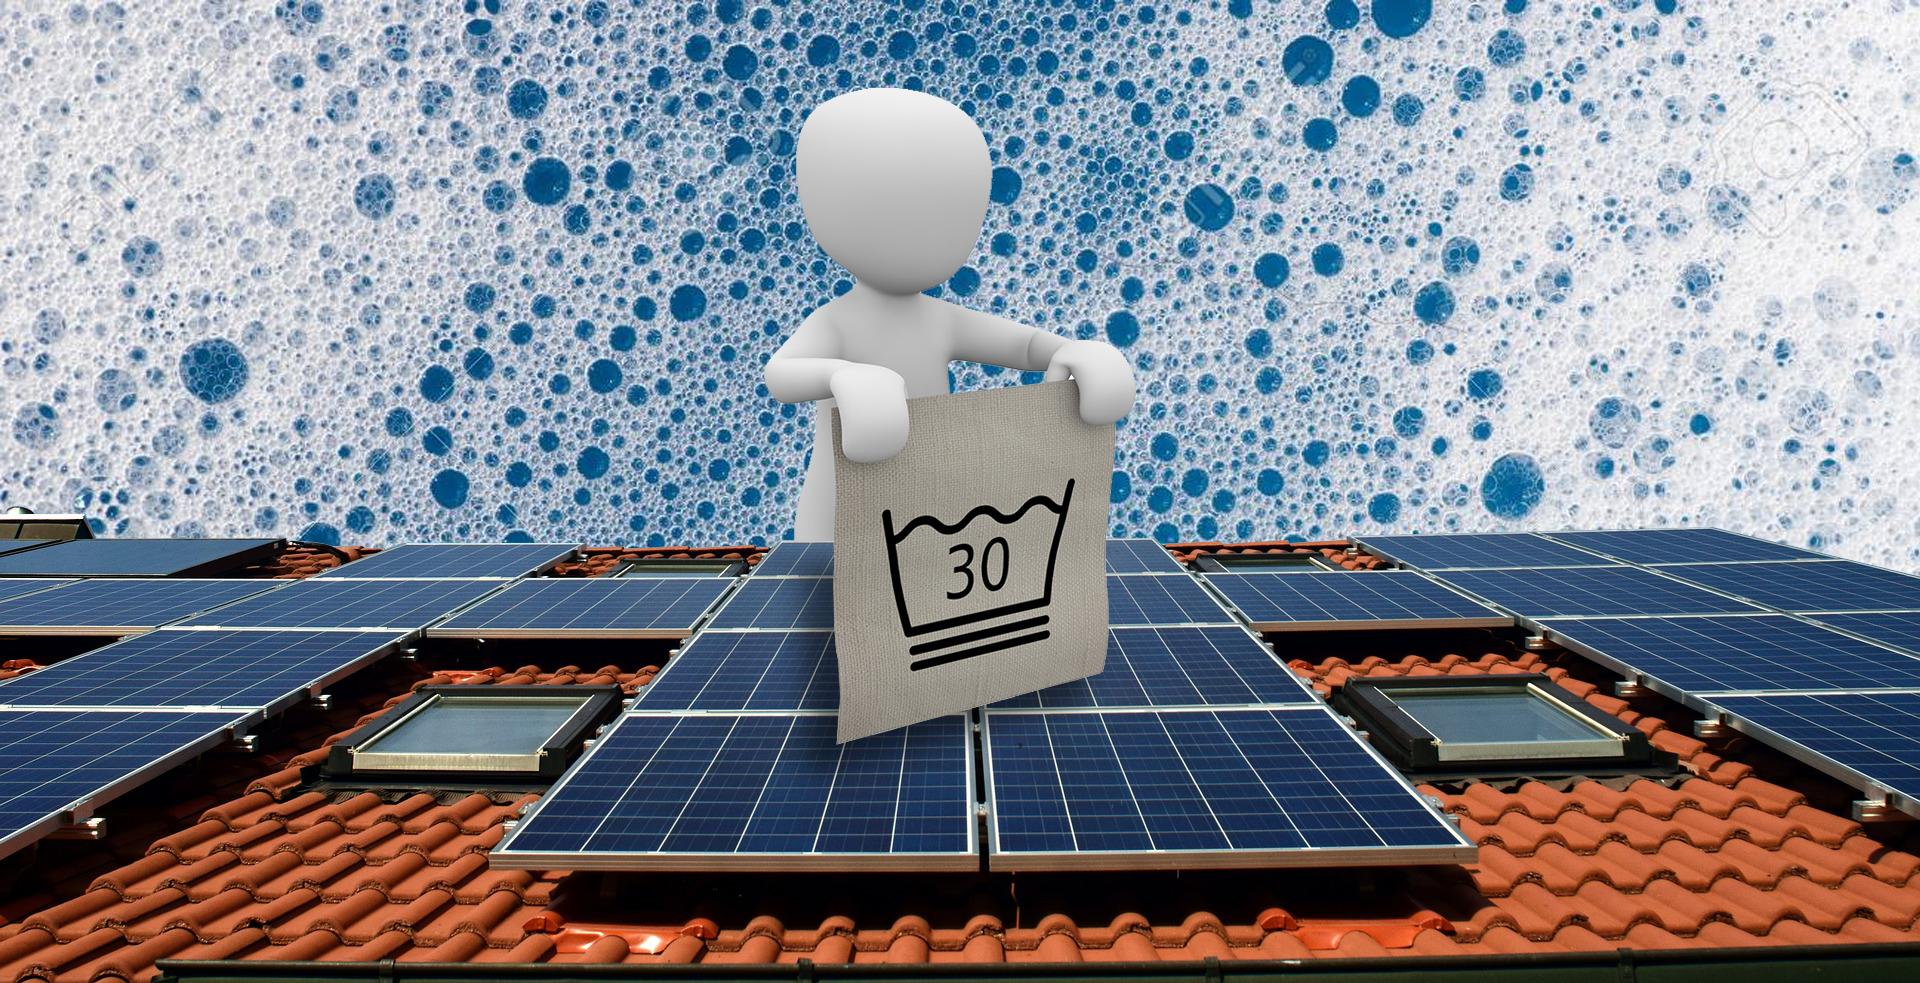 Wat wassen op 30°C en de energietransitie gemeen hebben